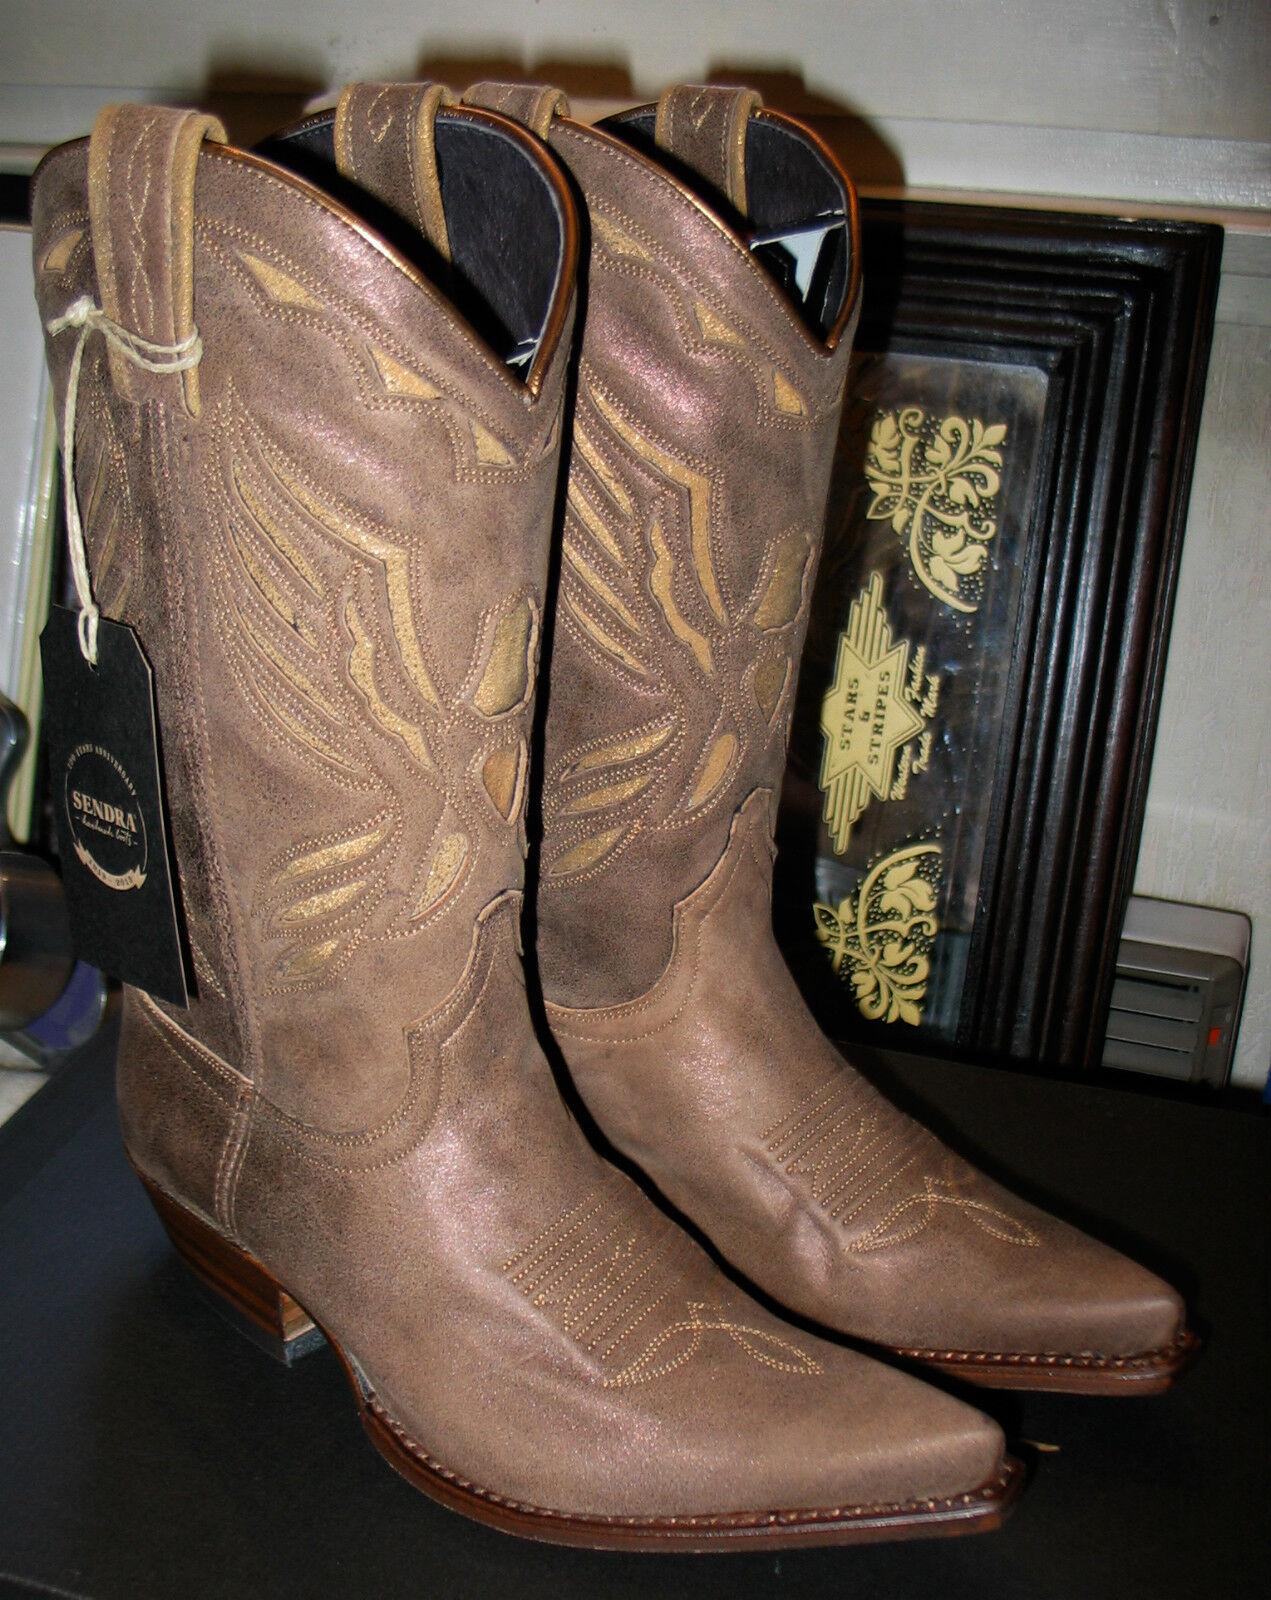 10929 Bottes Sendra bottes western Couleur marron antique Superbe promo